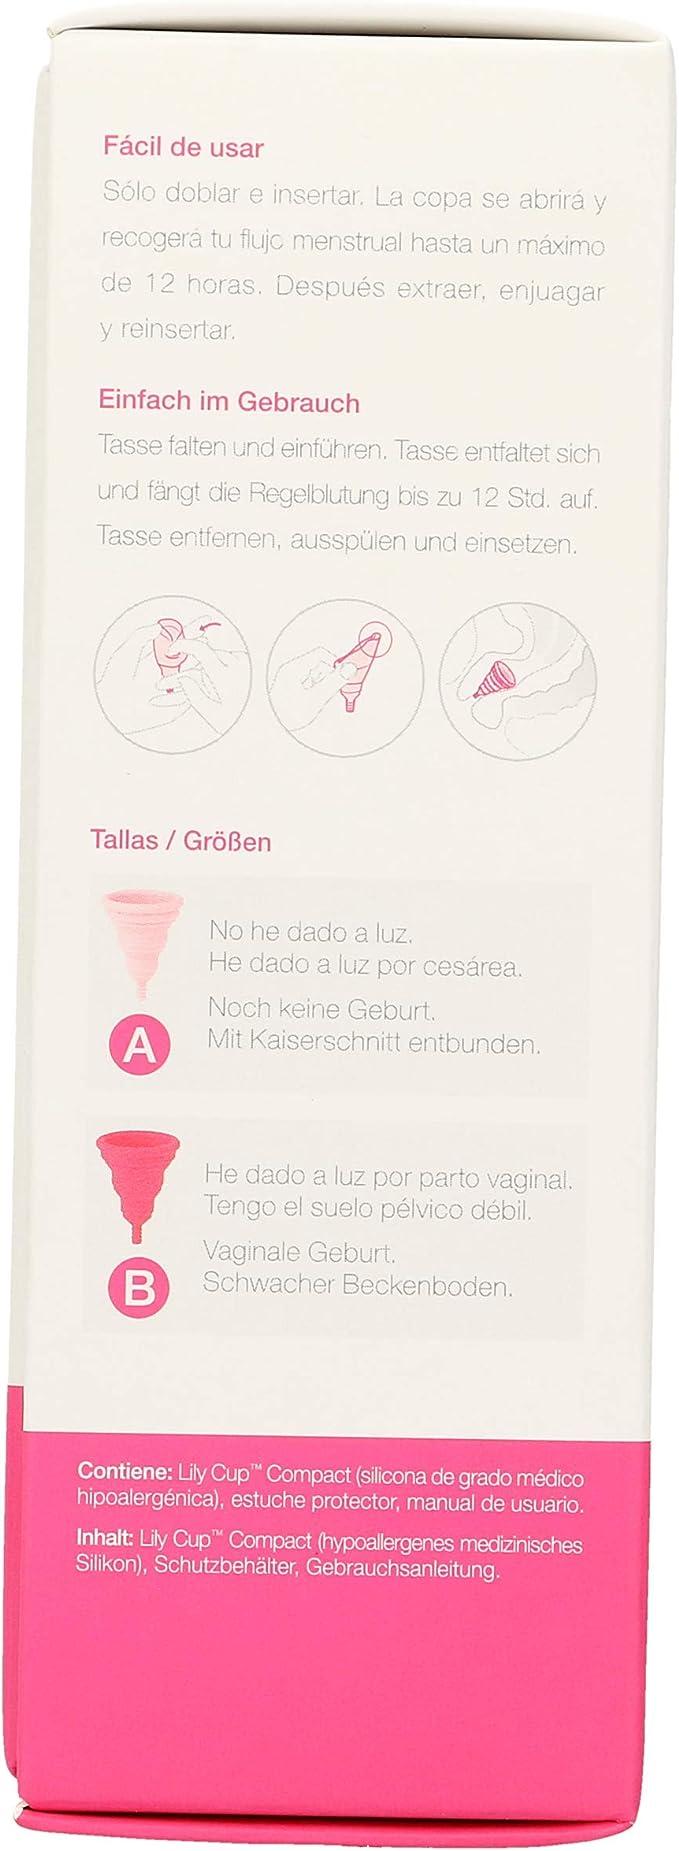 INTIMINA Lily cup compact copa menstrual talla B caja 1 ud ...